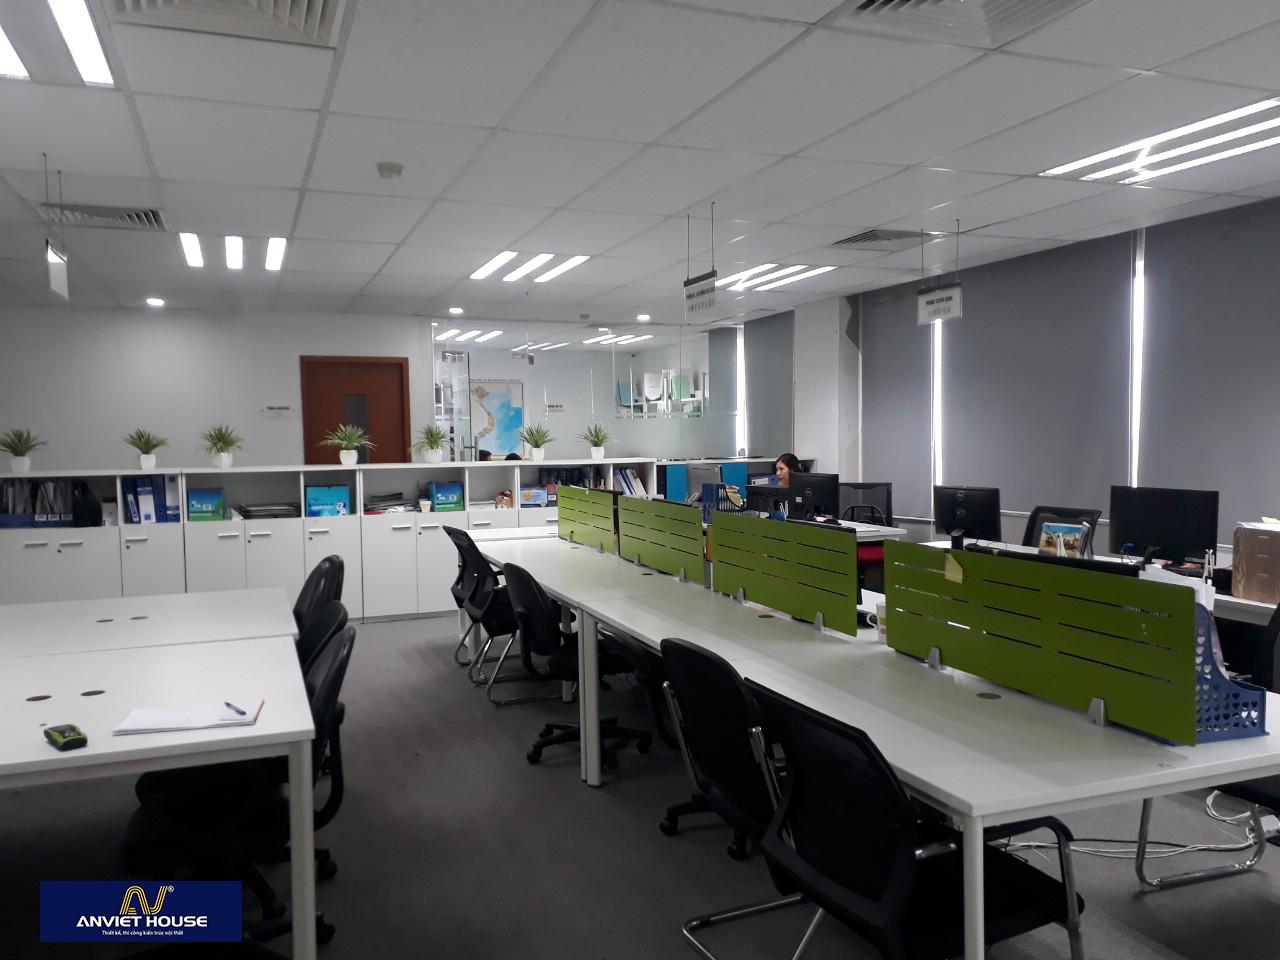 Thiết kế văn phòng hiện đại, chuyên nghiệp